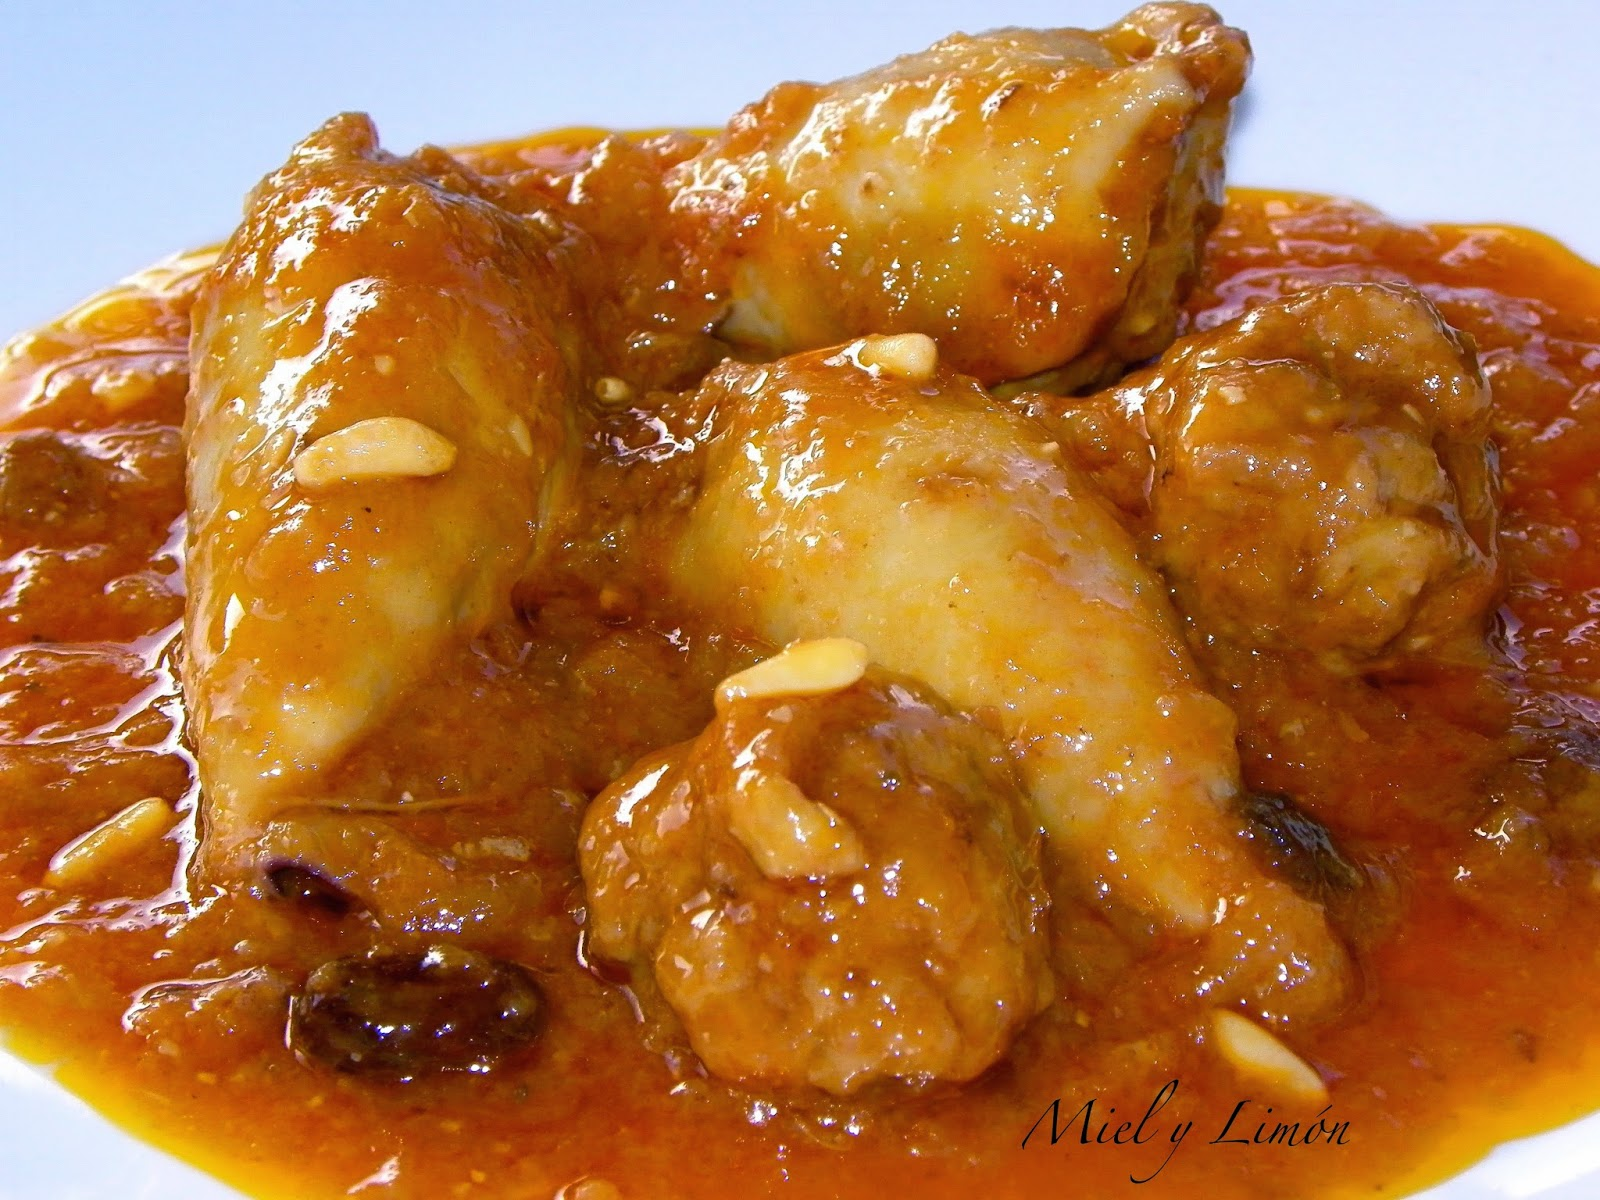 Miel y lim n calamares rellenos a la mallorquina - Chipirones rellenos en salsa de tomate ...